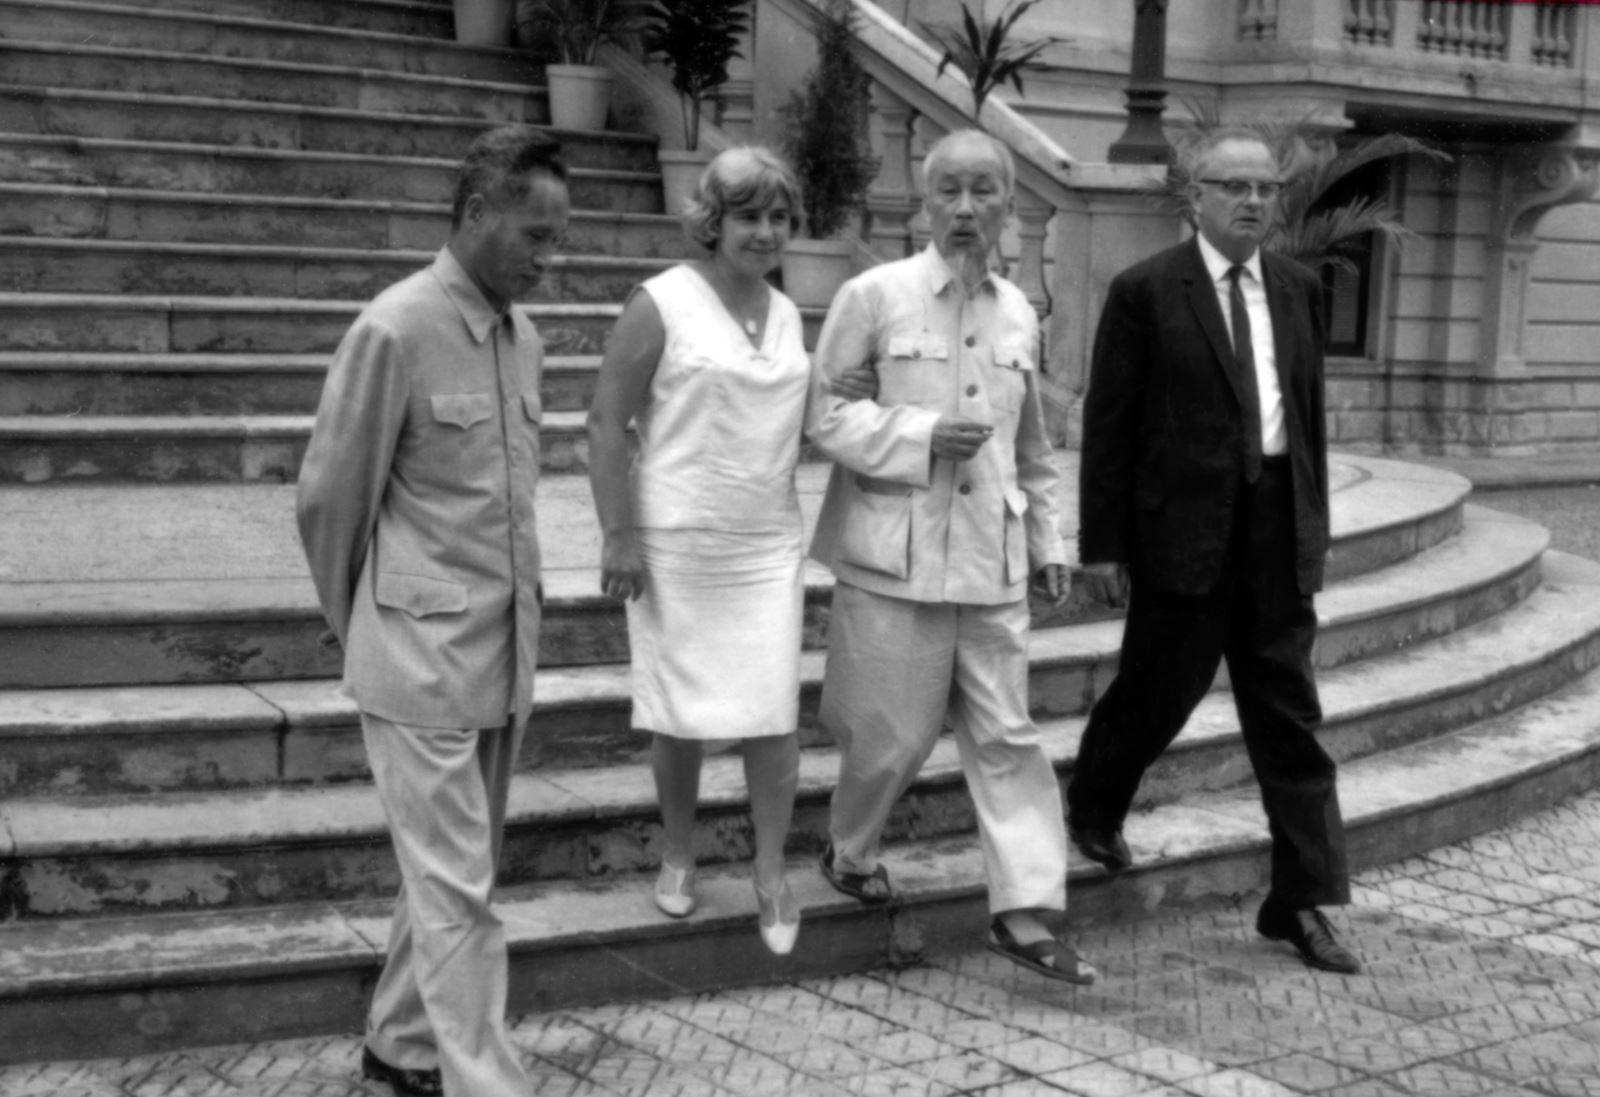 Vợ chồng nhà báo Wilfred Burchett chụp ảnh cùng Chủ tịch Hồ Chí Minh và Thủ tướng Phạm Văn Đồng tại Hà Nội vào tháng 5/1966